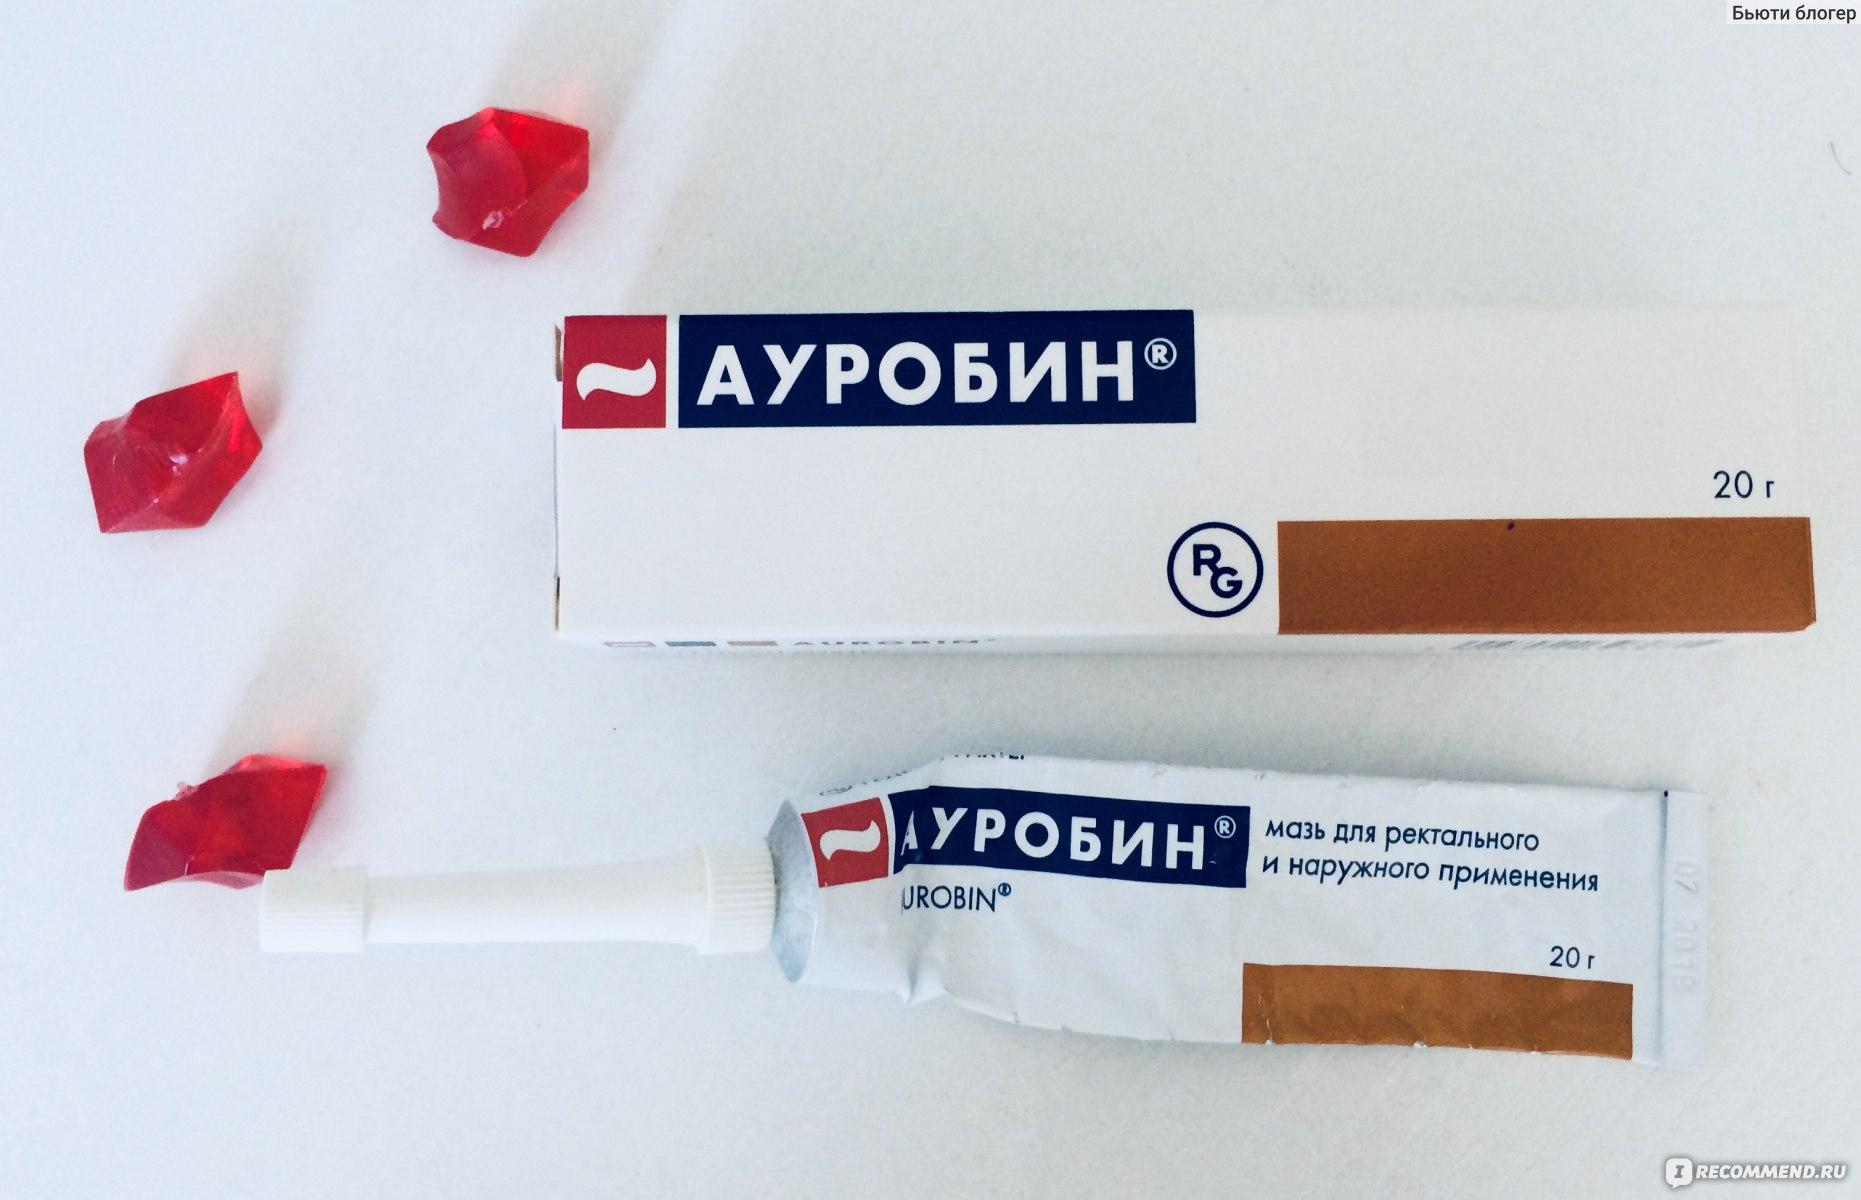 Ауробин рекомендации